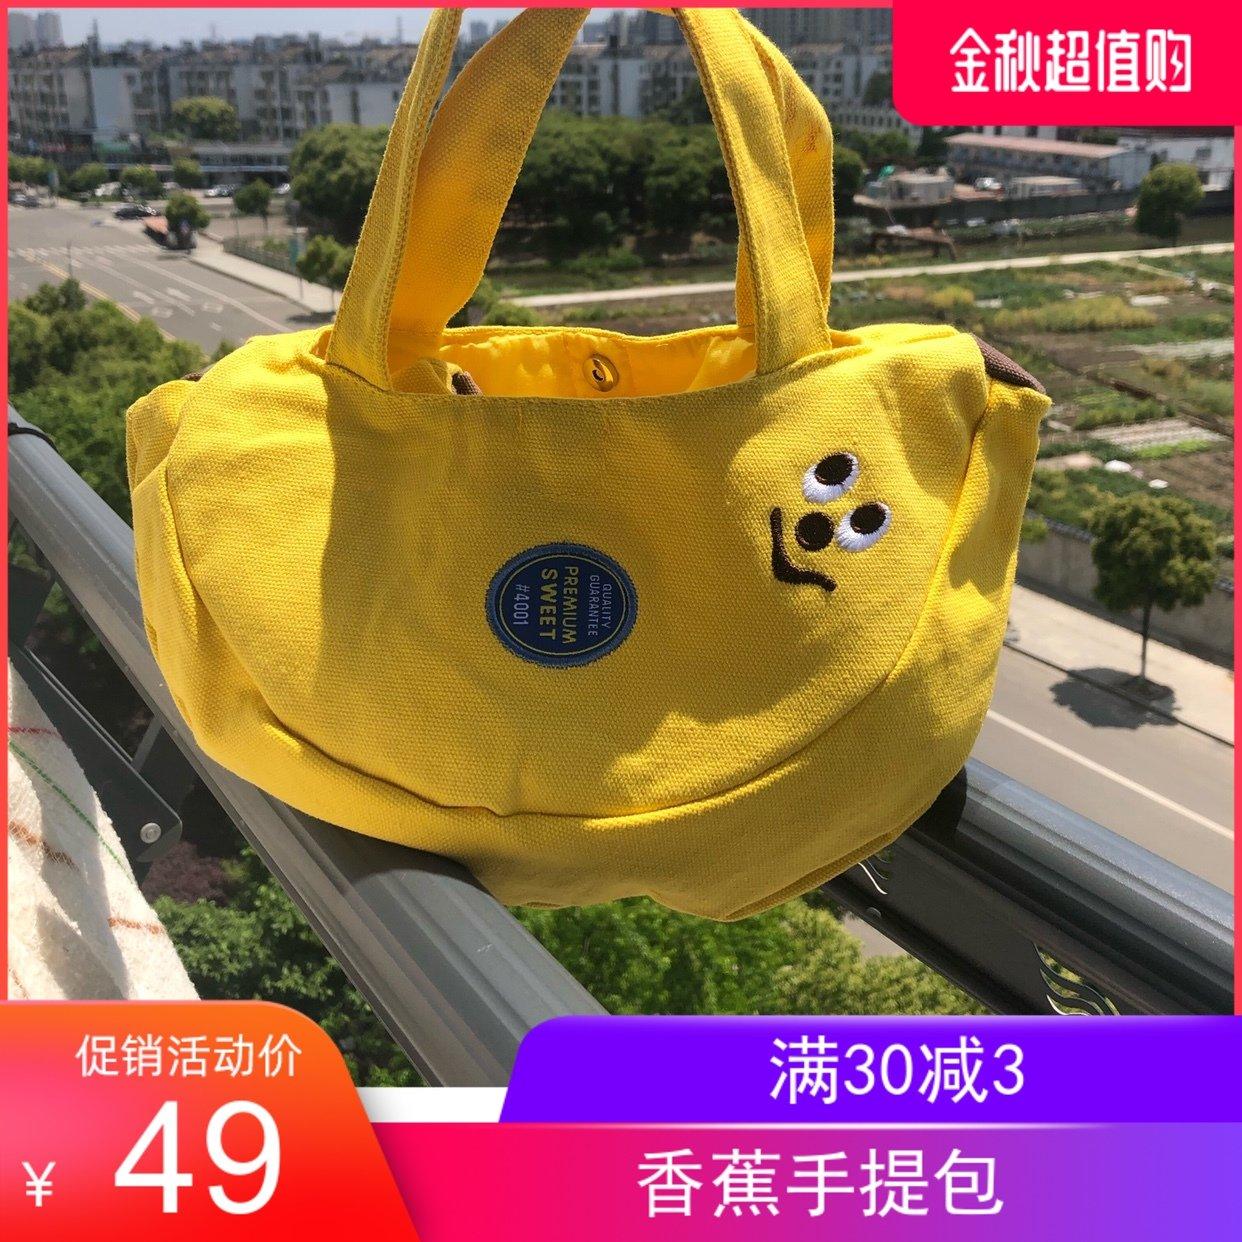 黄色帆布包 ins风韩国儿童包可爱香蕉手提小包卡通帆布女童包手机零钱包黄色_推荐淘宝好看的黄色帆布包